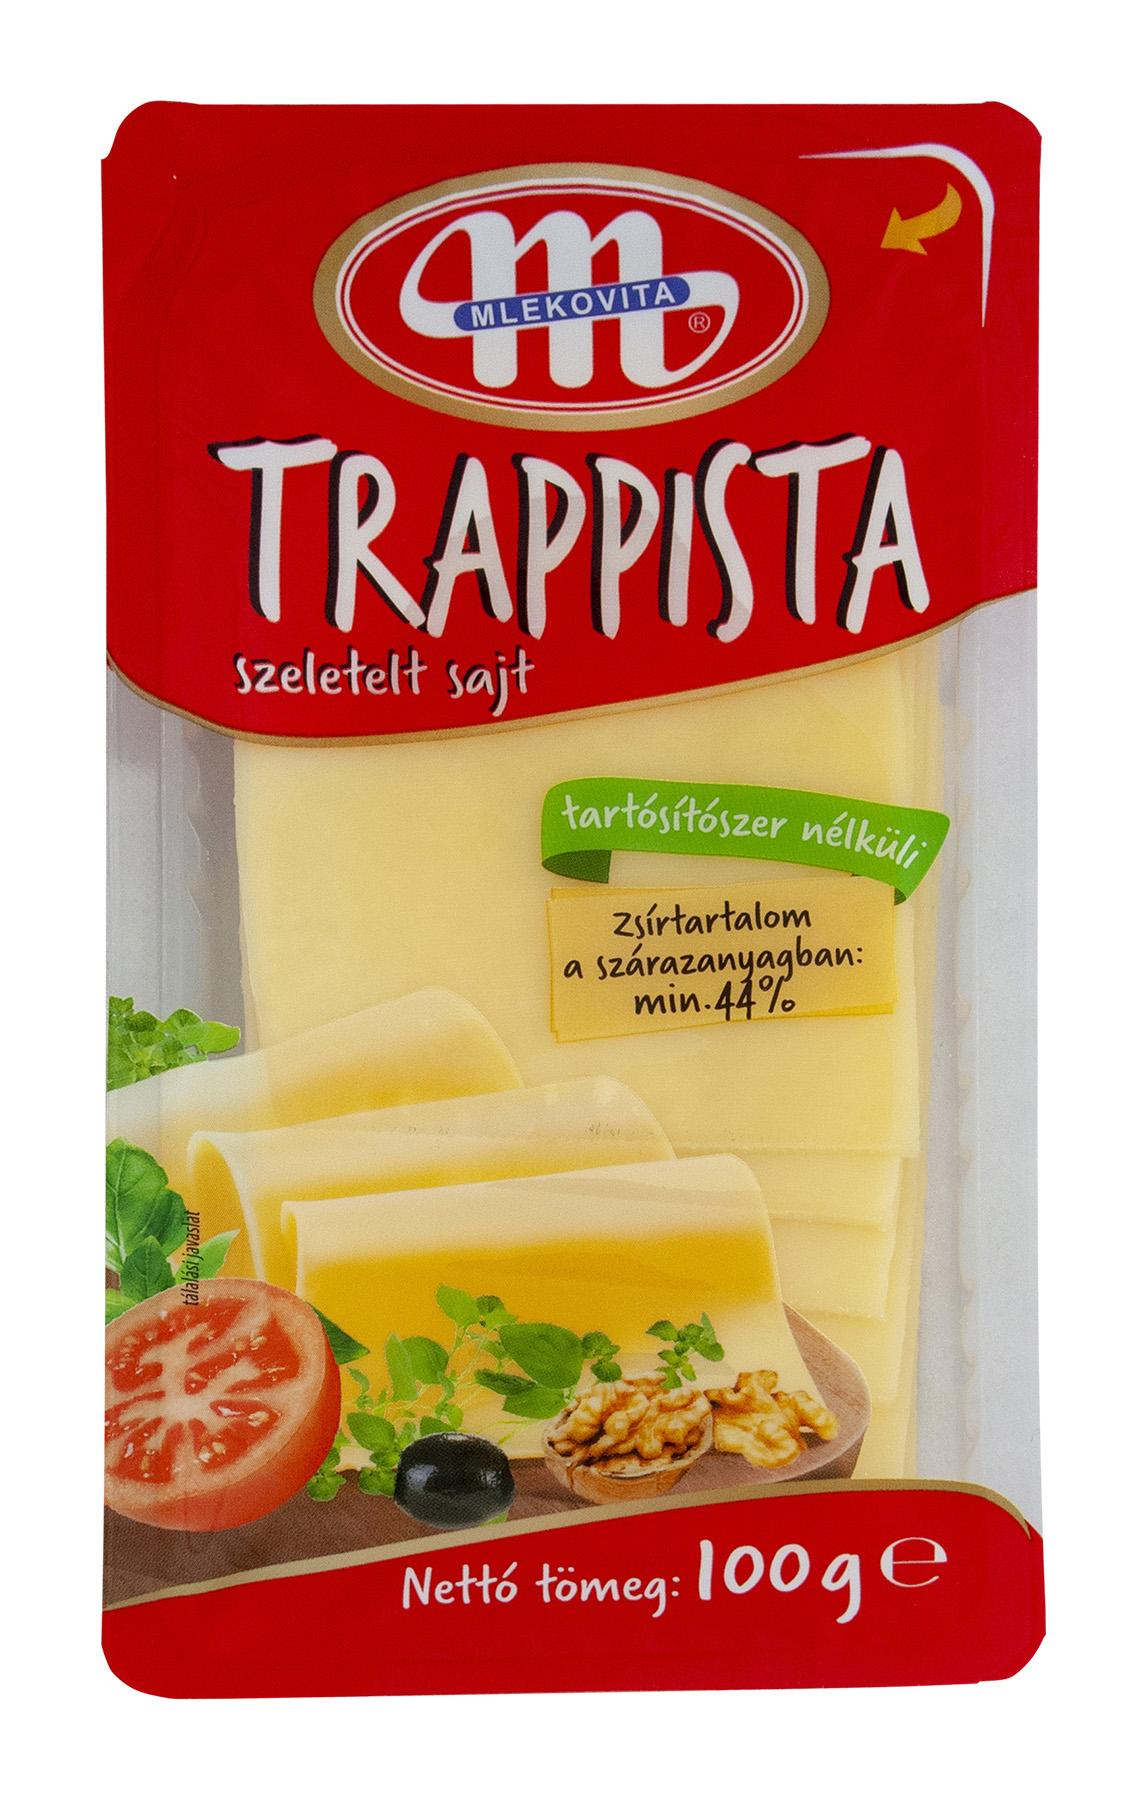 MLEKOVITA Szelt Trappista sajt 100g